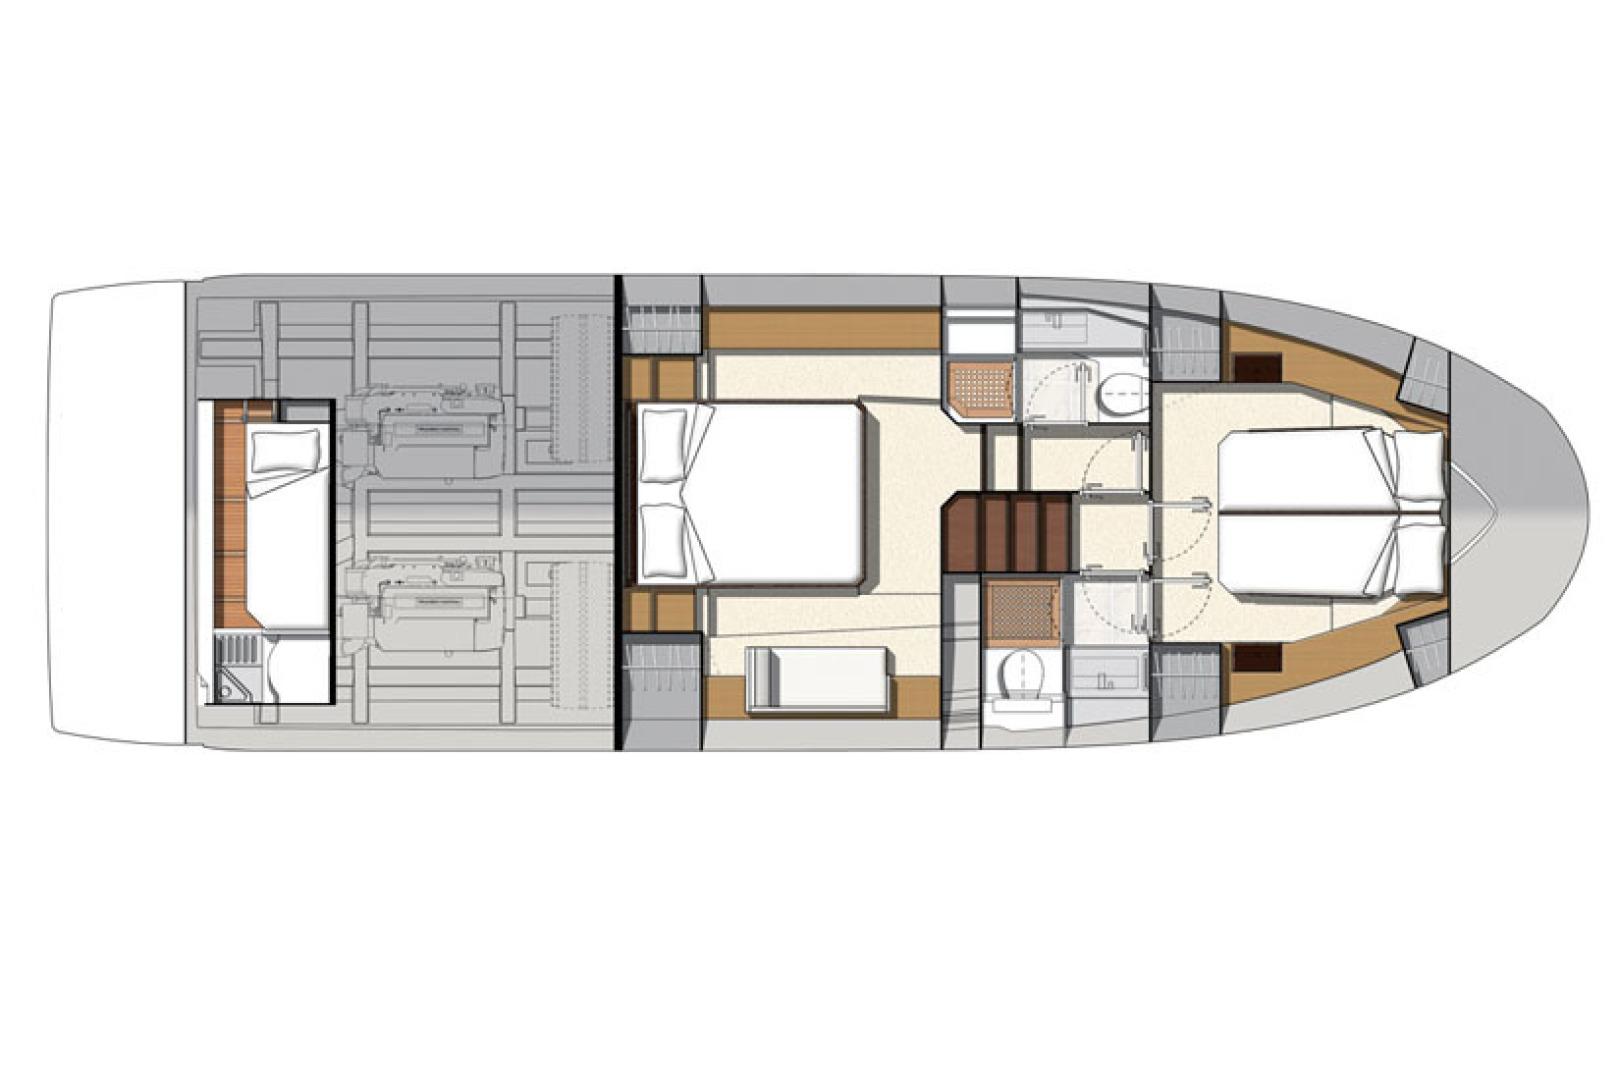 Prestige-460 S 2018-Unforgettable St Petersburg-Florida-United States-2018 Prestige 460 S Yacht  Unforgettable  Interior Layout-1445677   Thumbnail